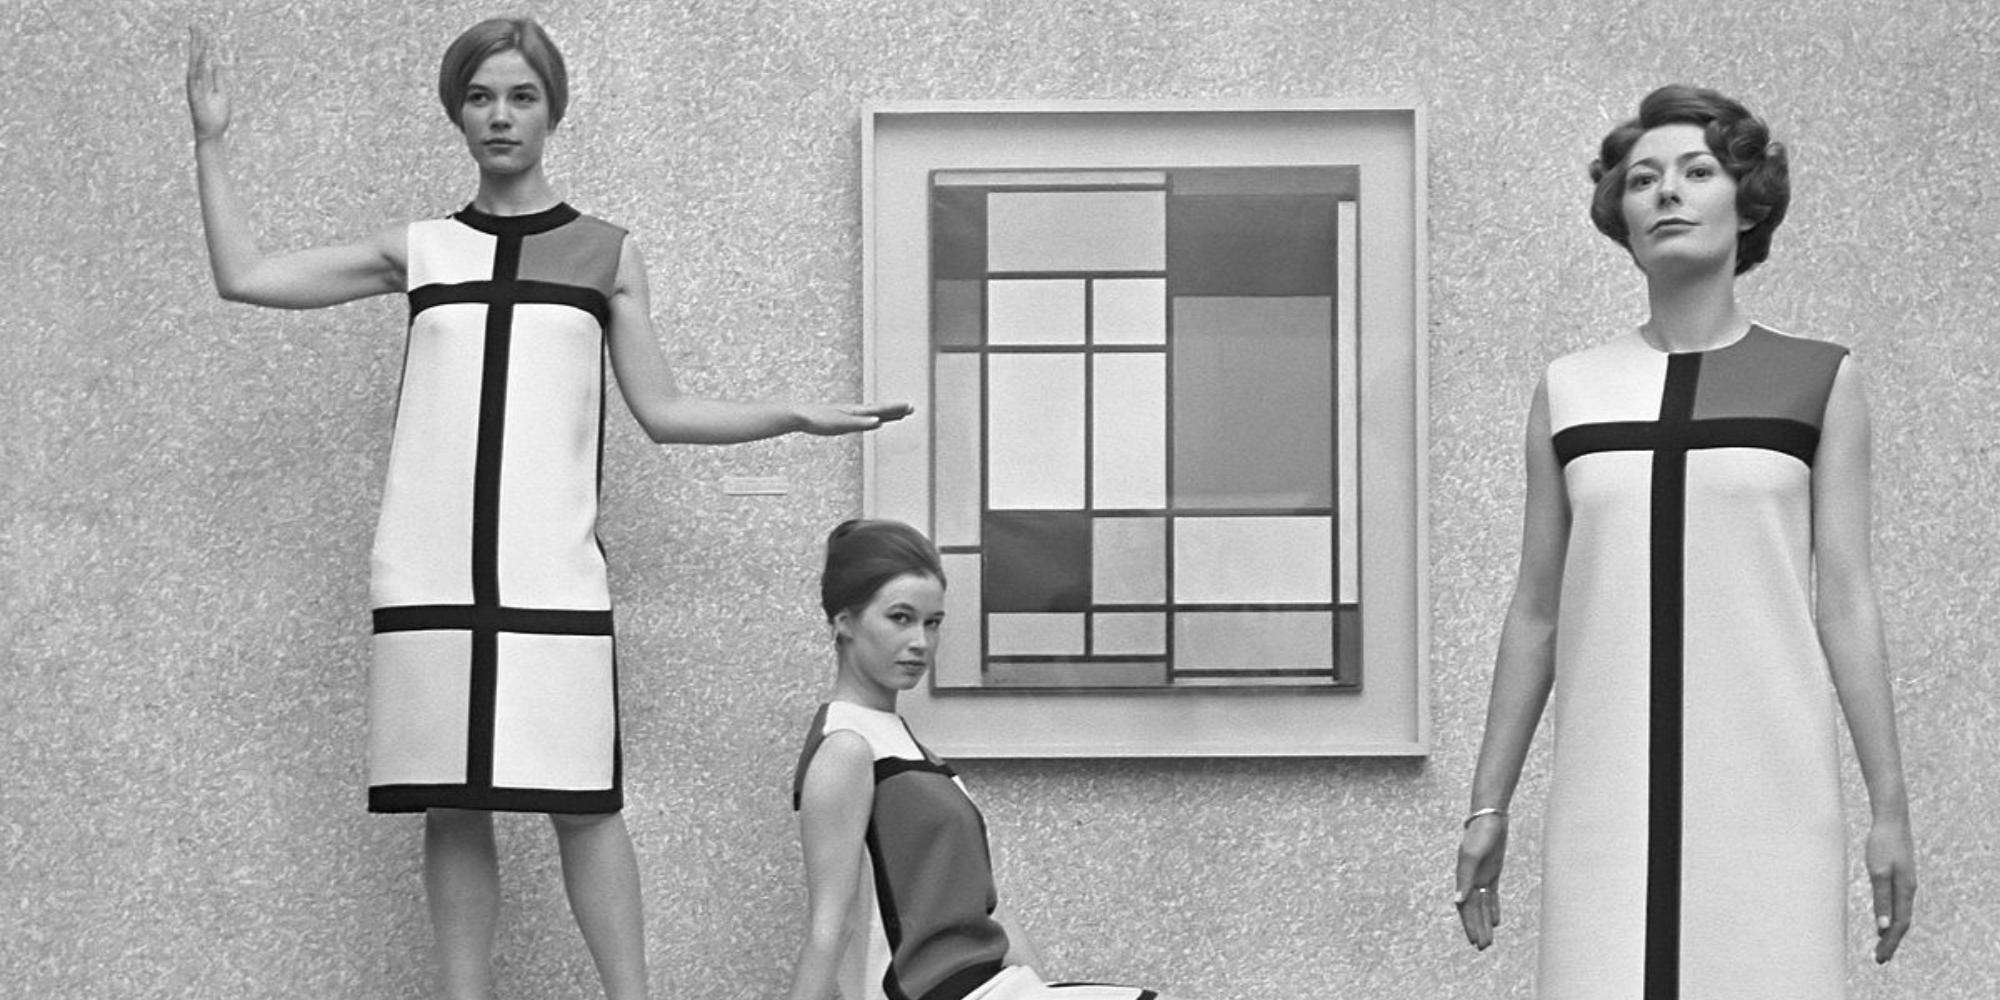 cualidades que eran atractivas 1960 mujeres jovenes